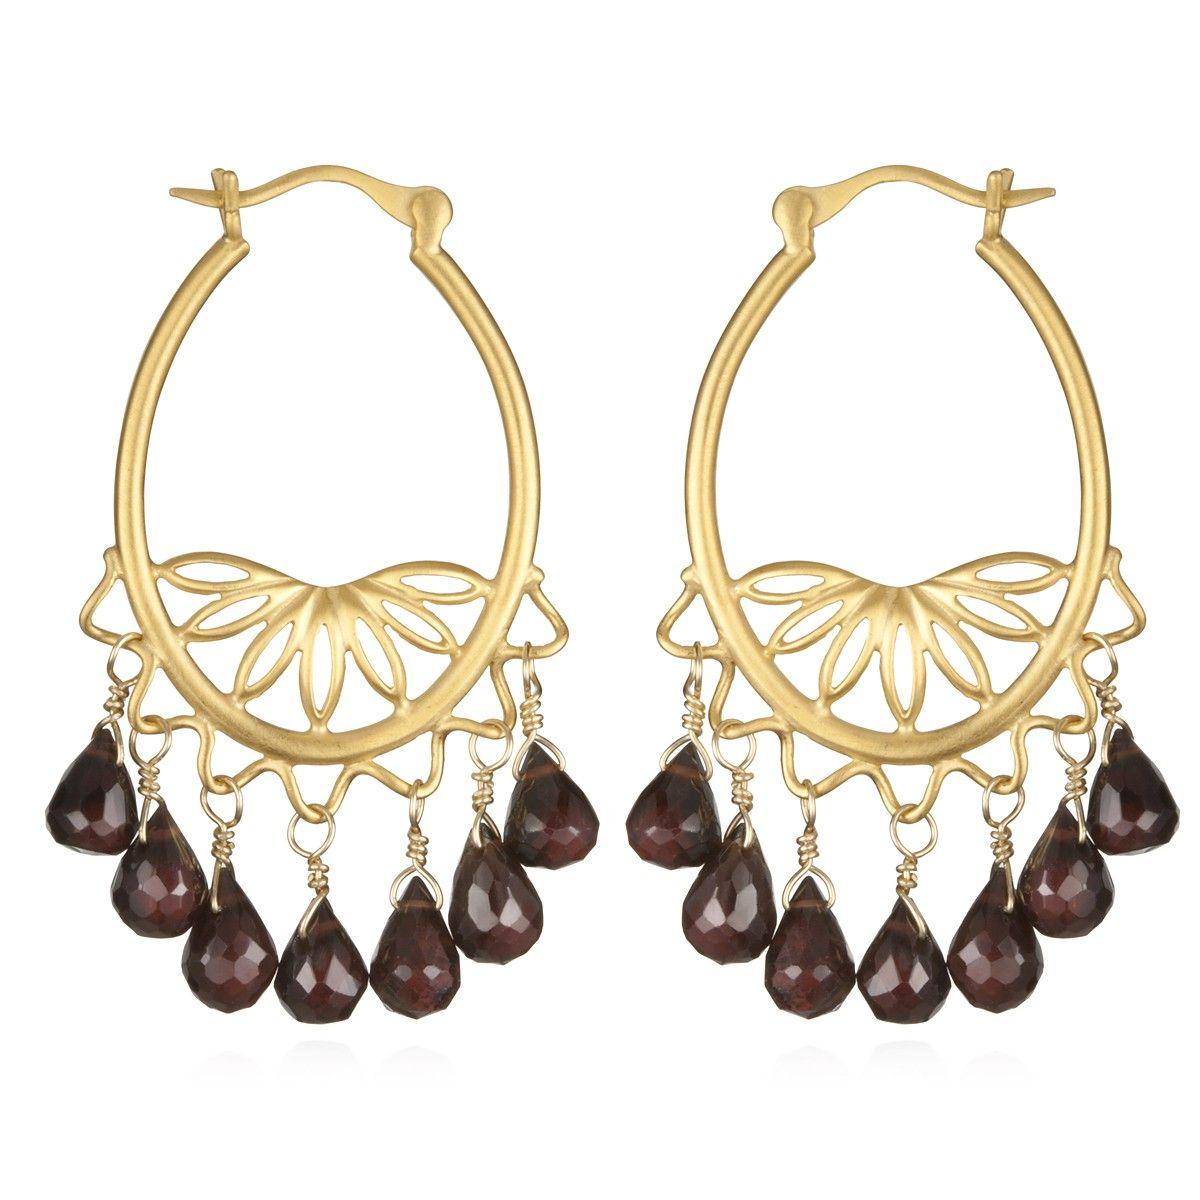 Garnet Chandelier Earrings Satya Jewelry